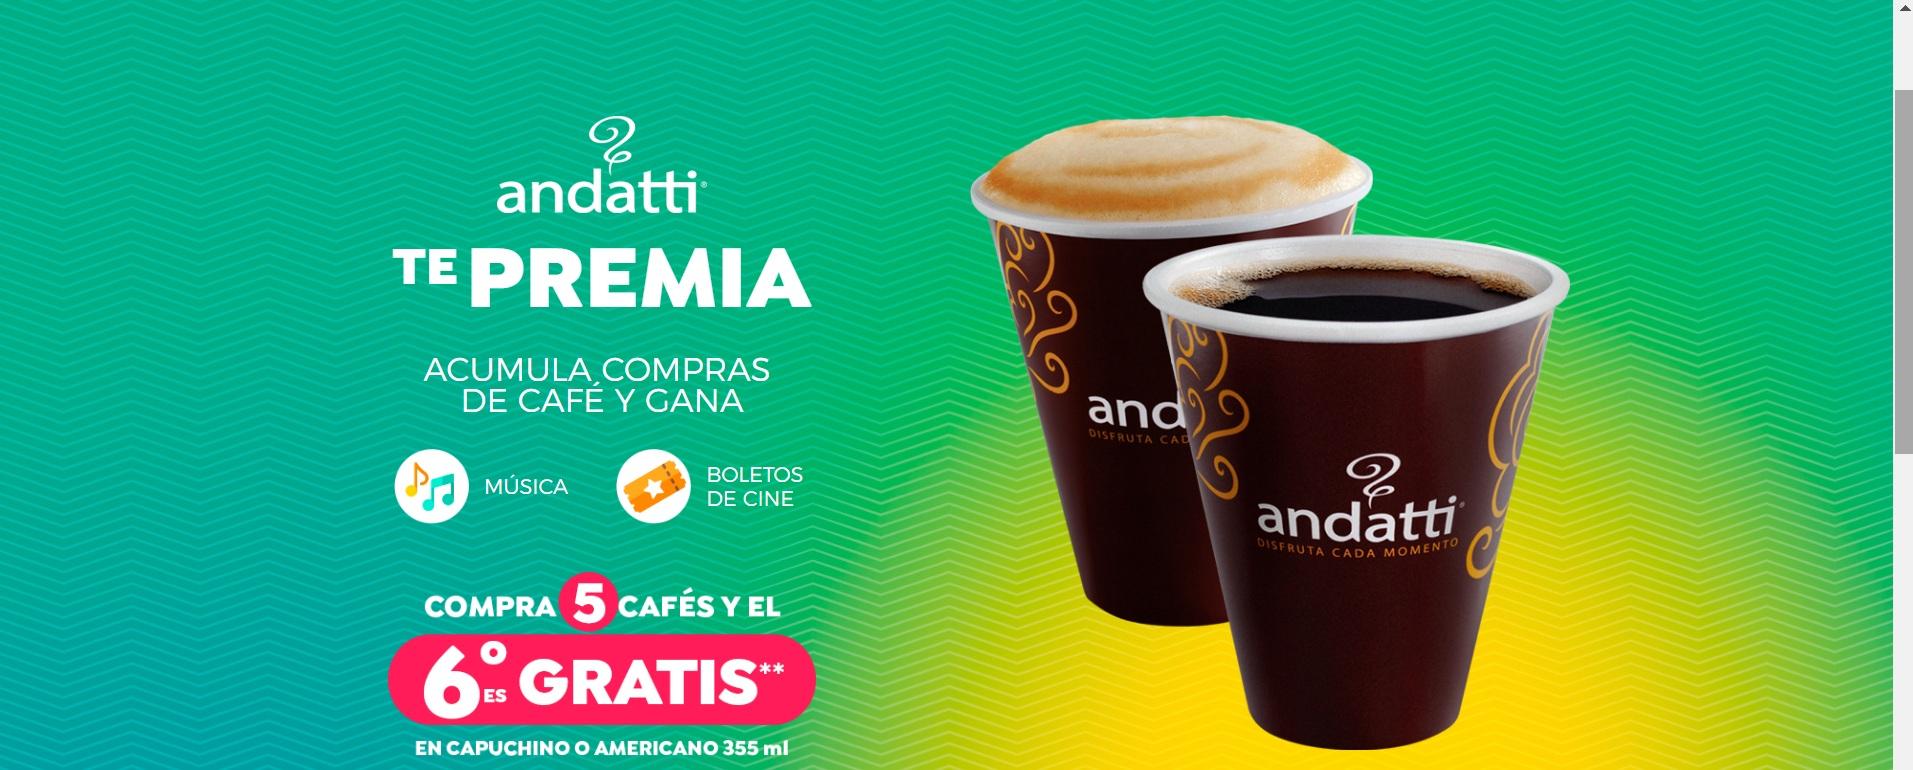 Café andatti:  Acumula compras de café y gana. (5 cafés y el sexto gratis, 12 compras y boleto doble cine)